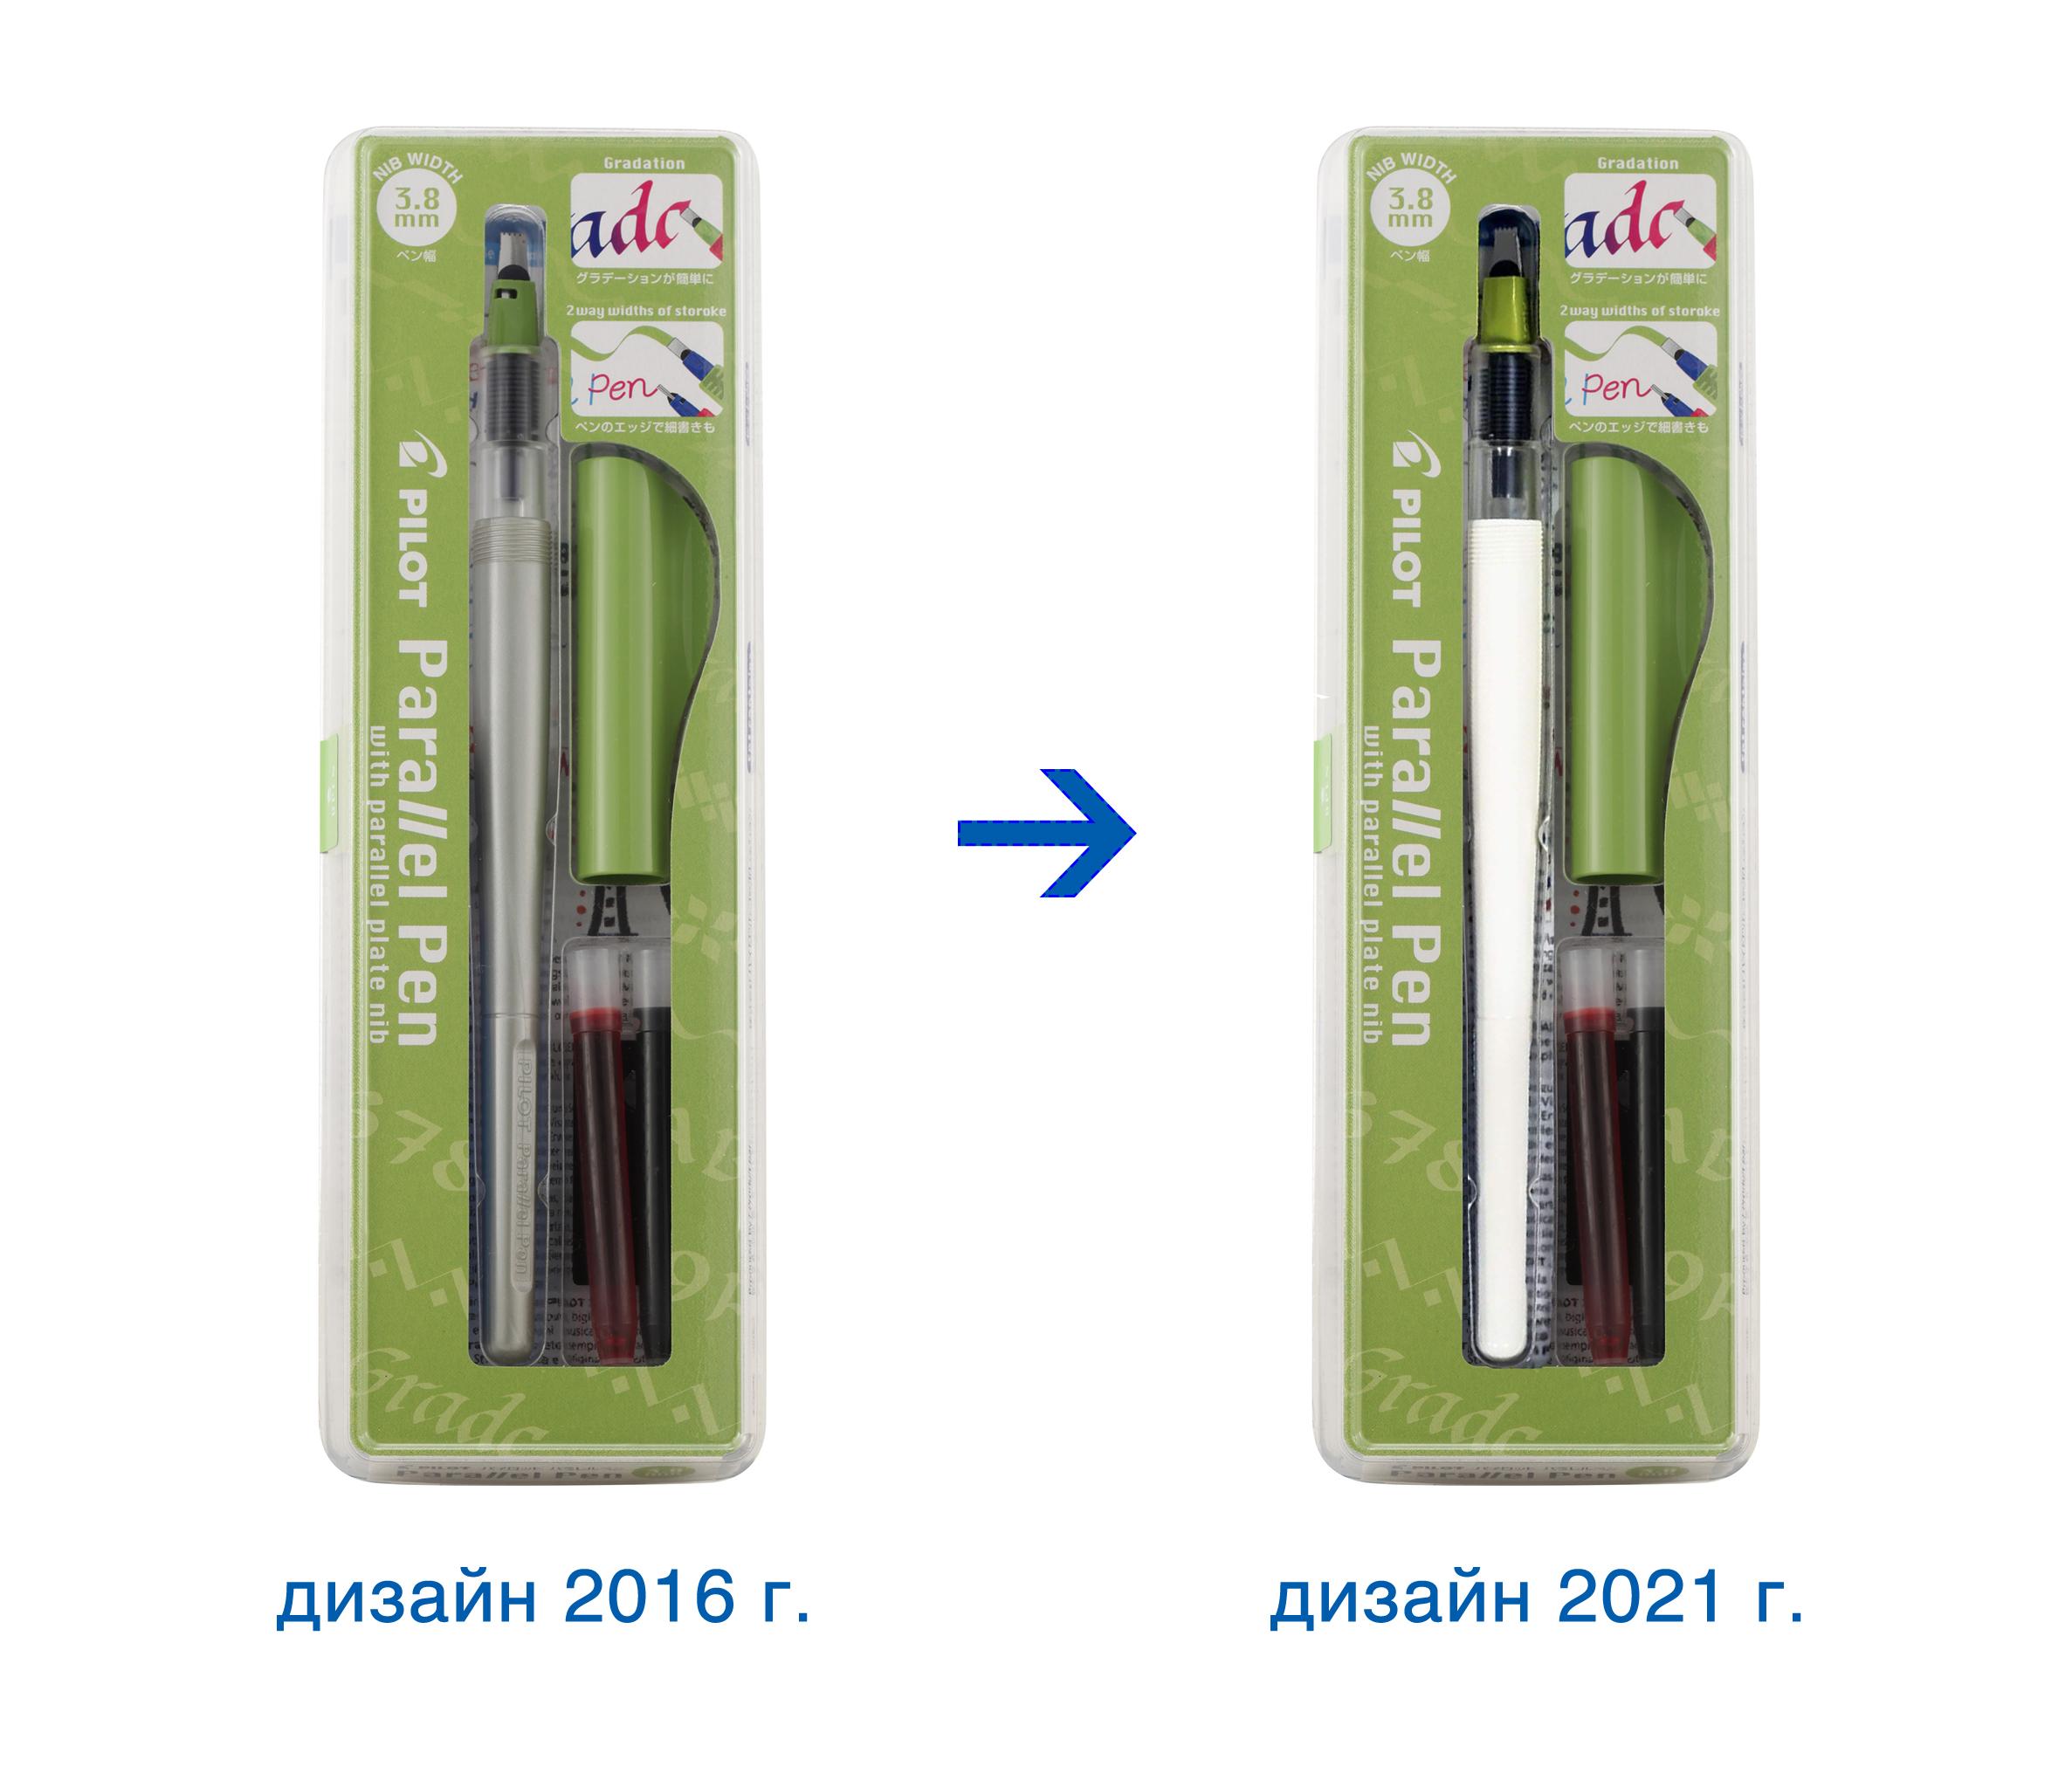 Pilot Parallel Pen в новом цвете корпуса, модель 2021 года